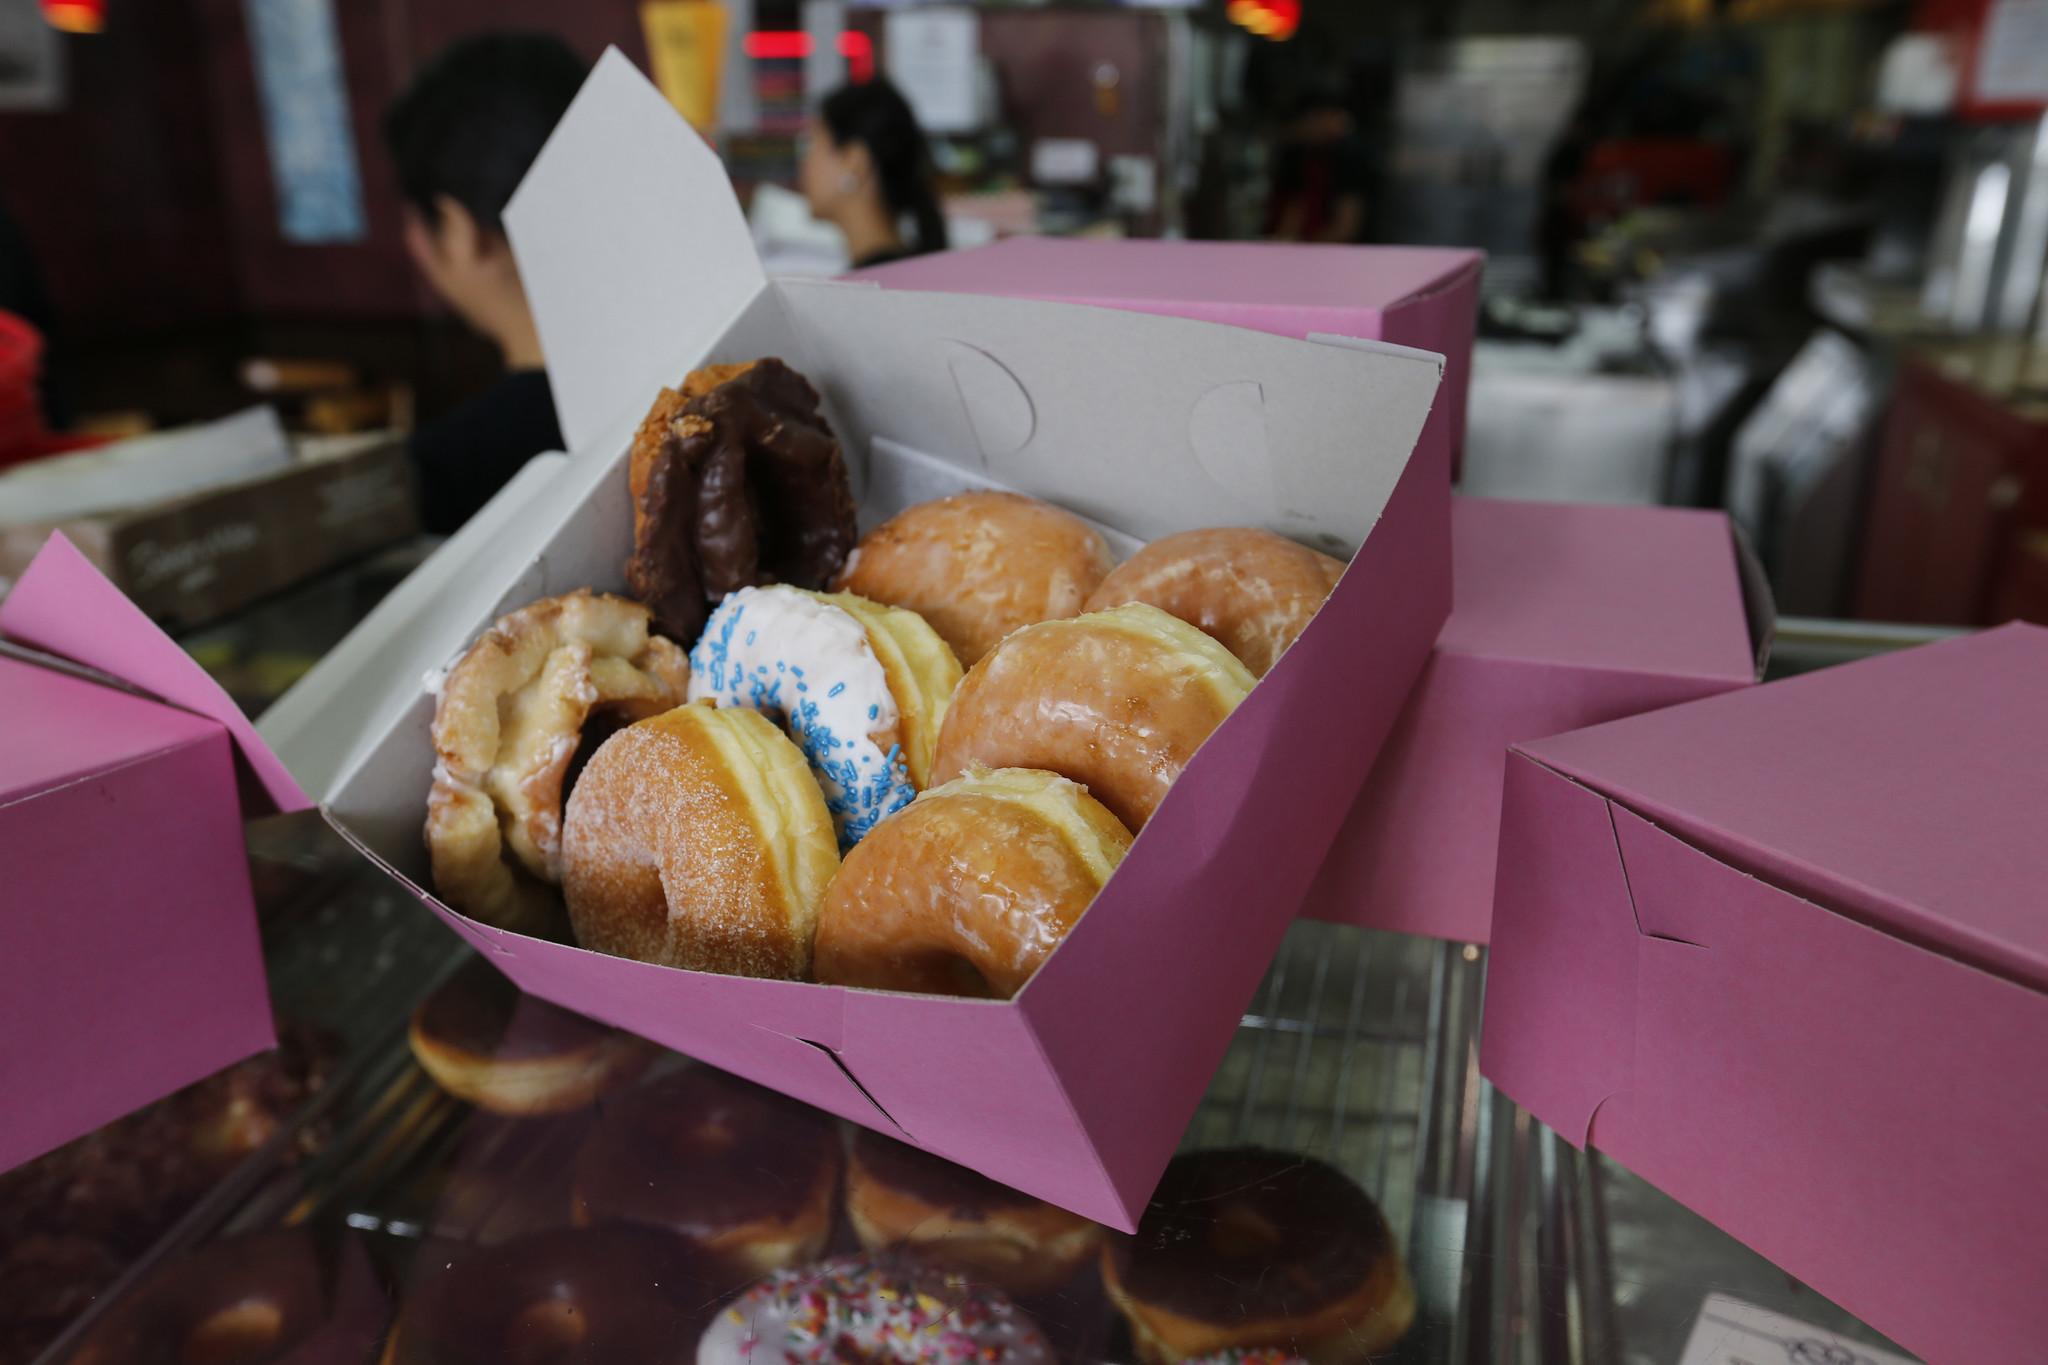 Susan Lim entrega una docena de donas en una caja rosada en su tienda Rose Donuts & Cafe,  en San Clemente.